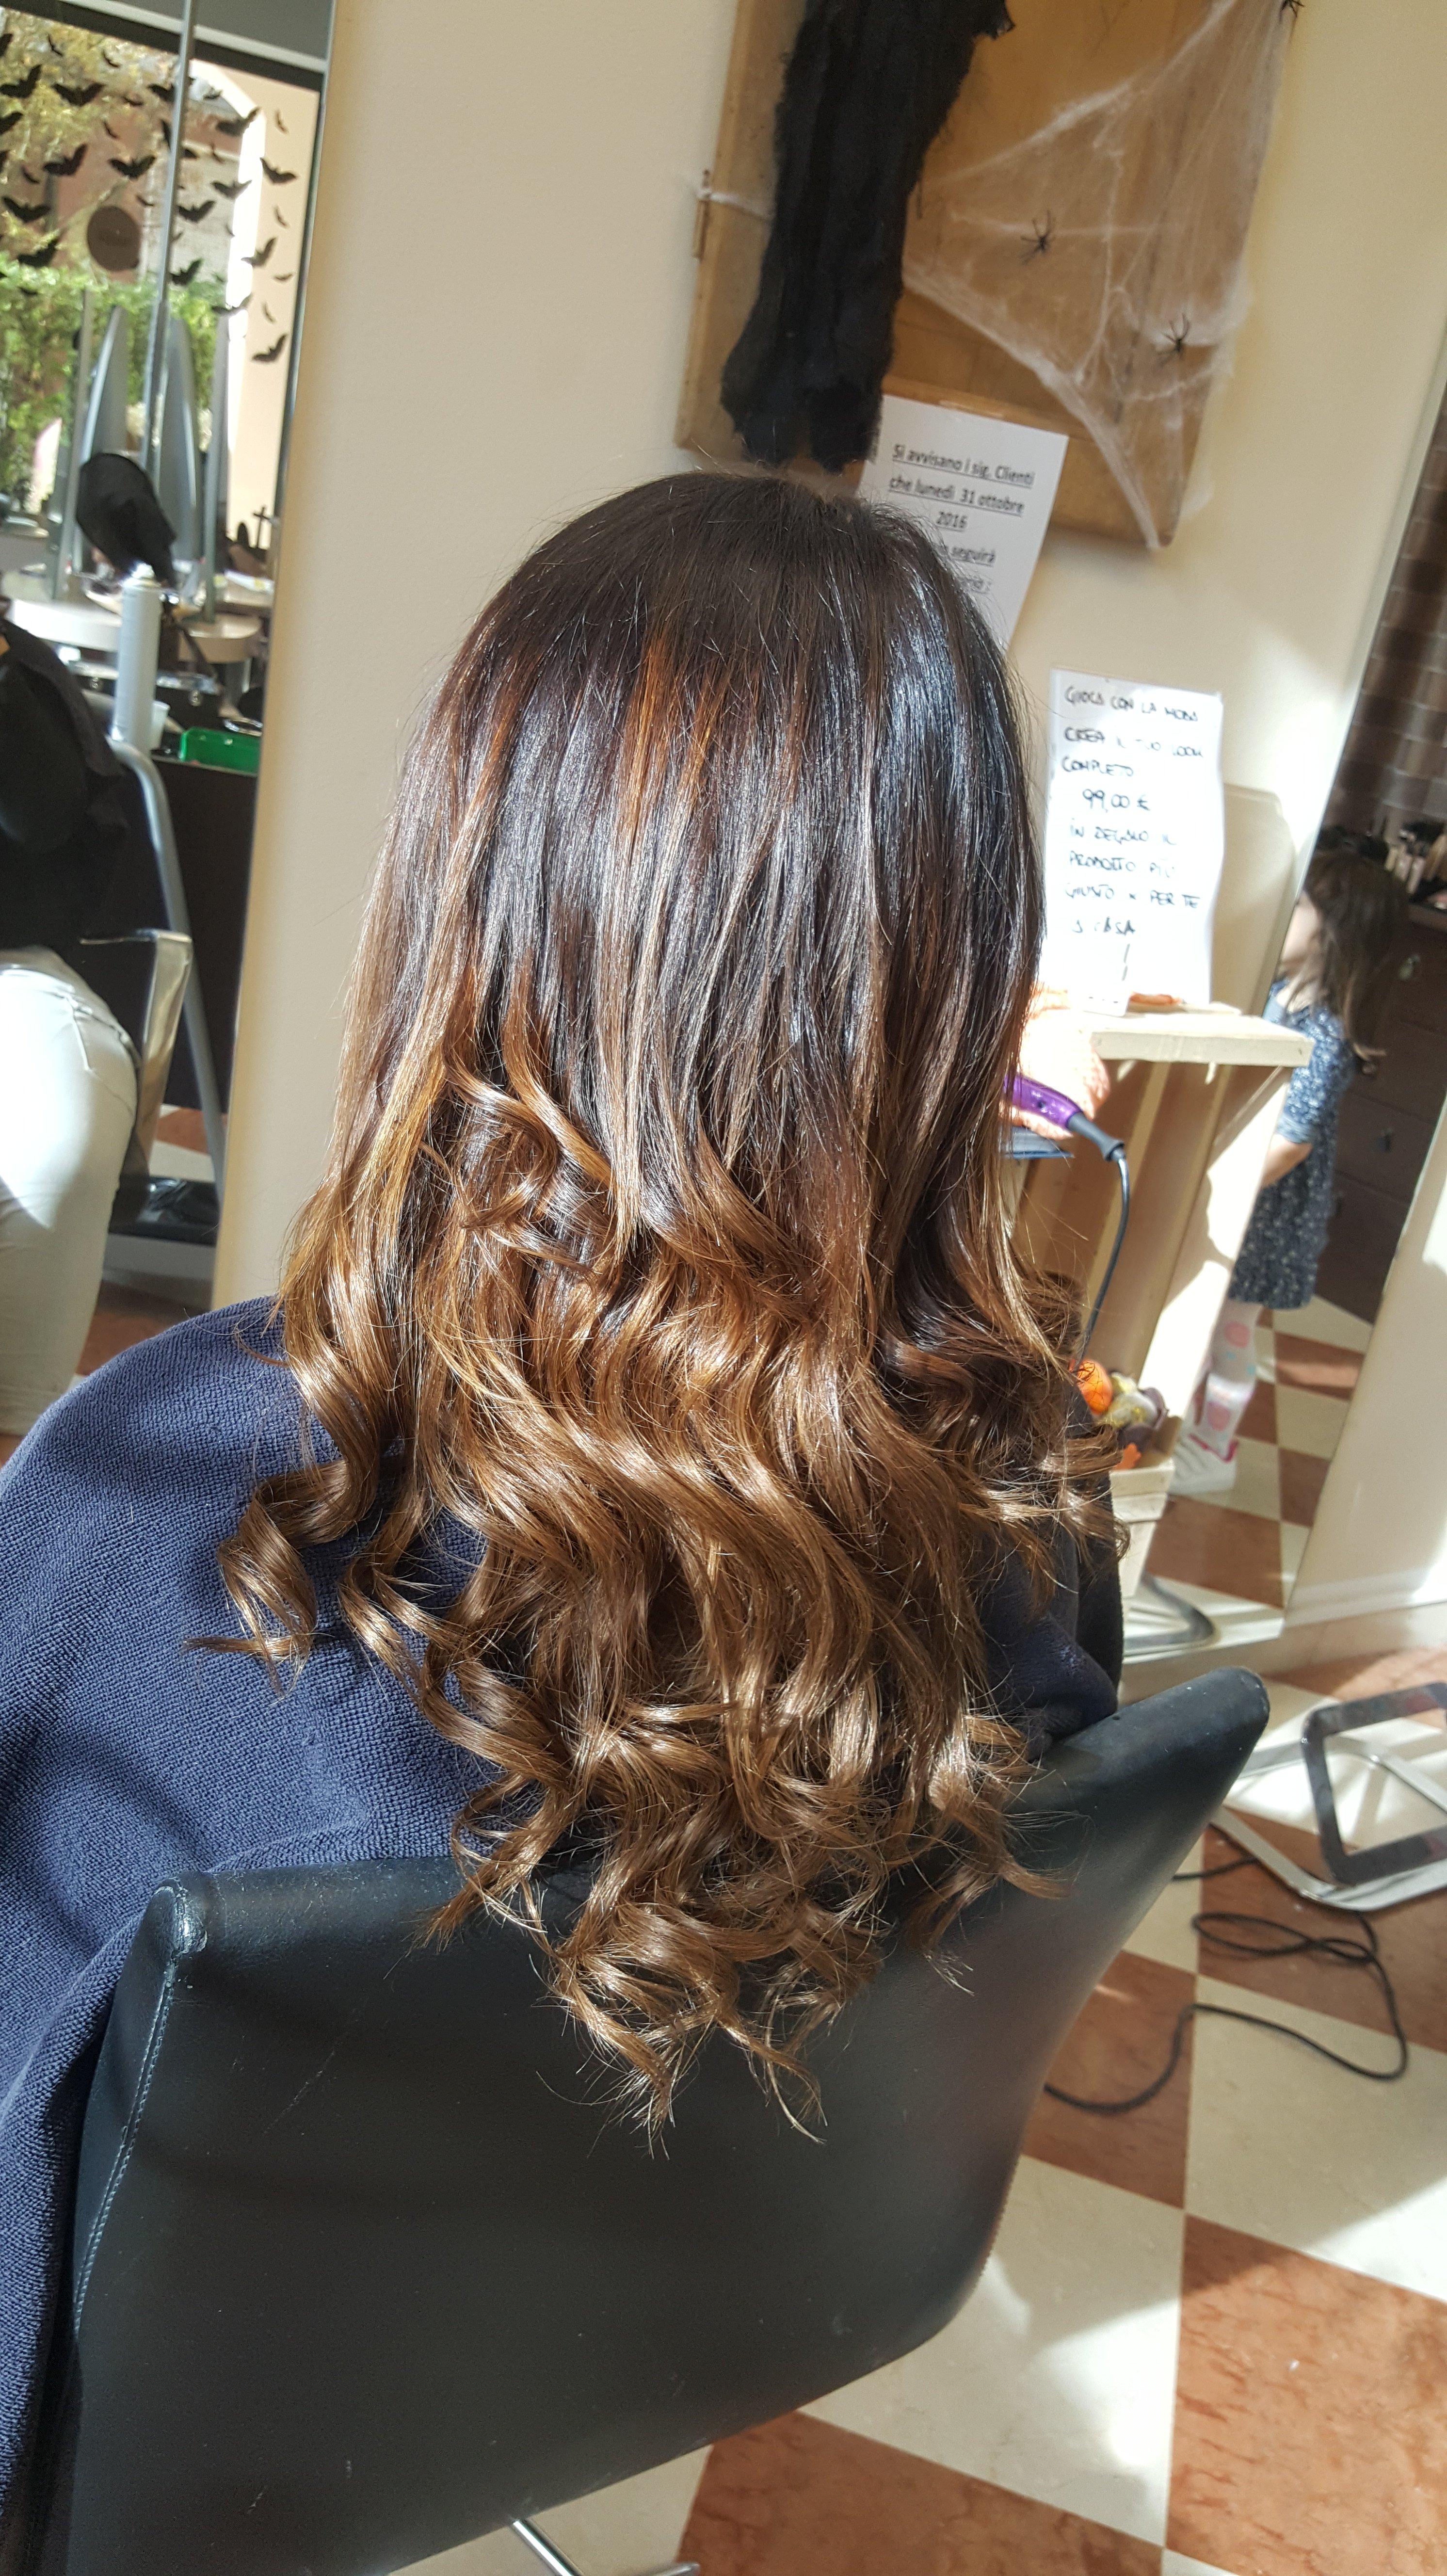 donna dai capelli castani con delle extention mosse